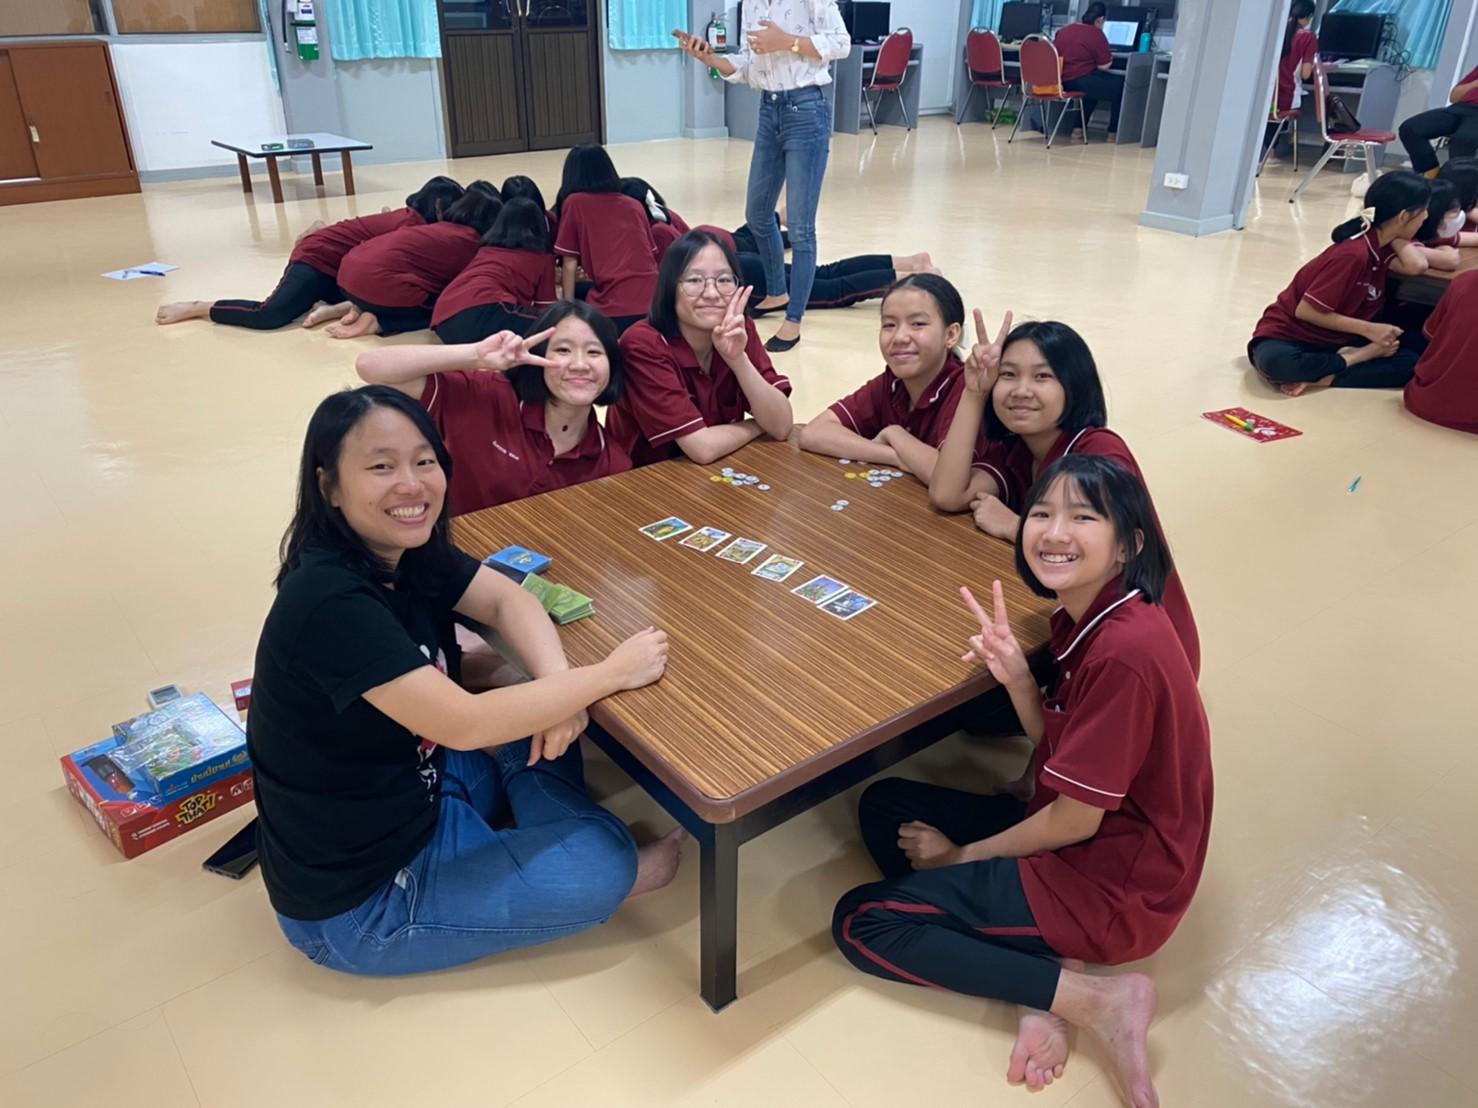 Play@Schoolโรงเรียนวัฒนาวิทยาลัย